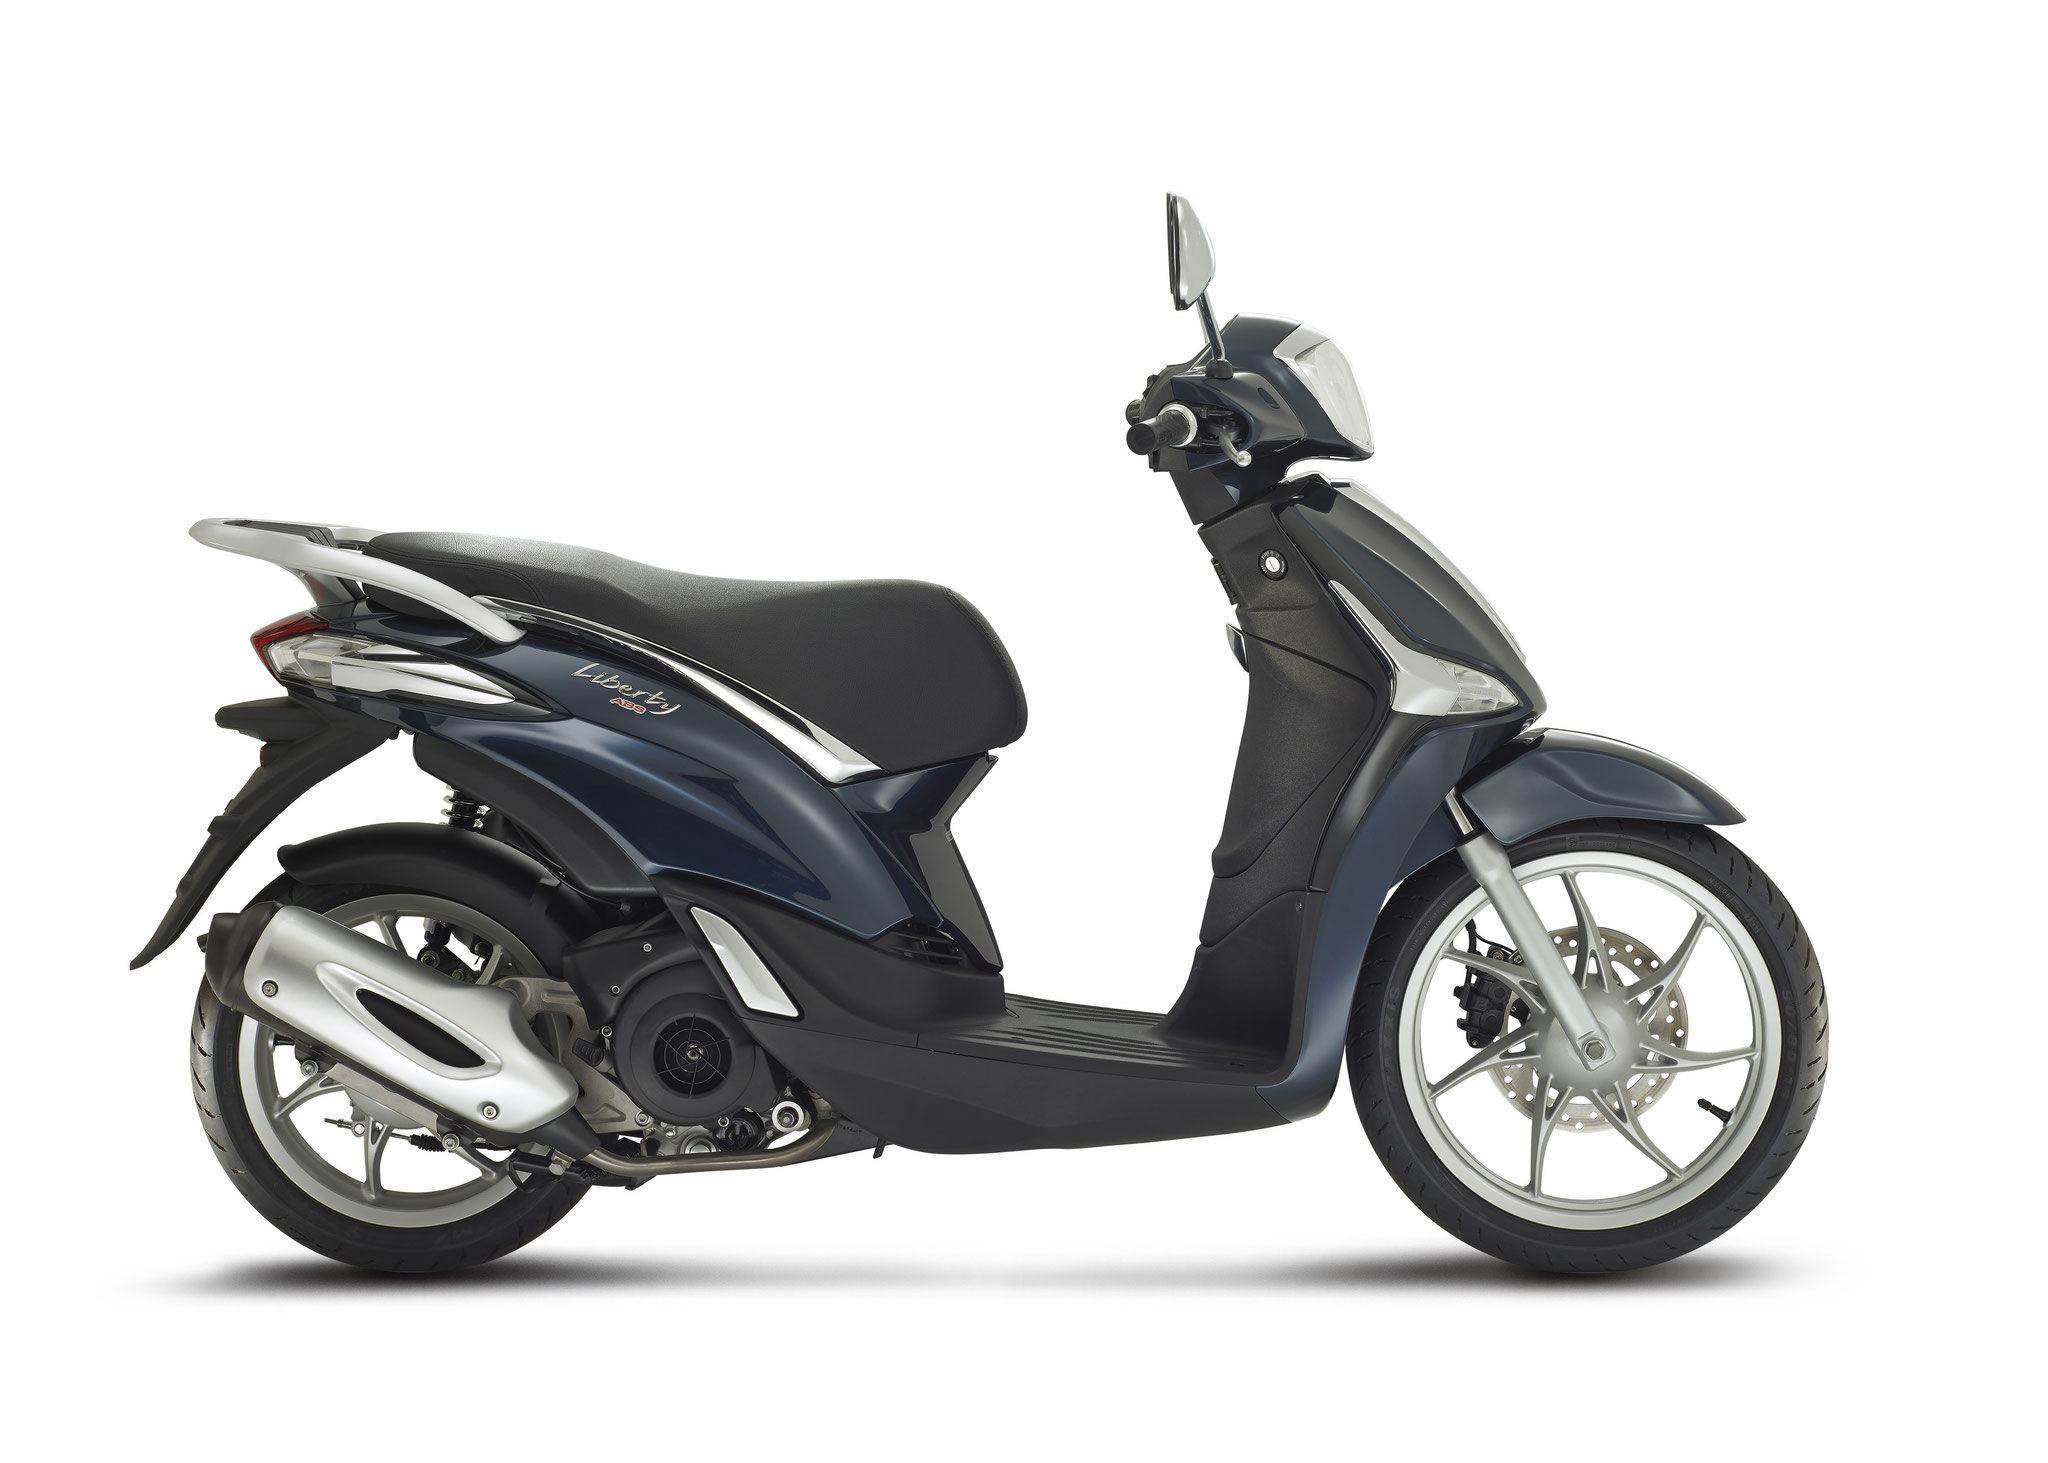 Piaggio Liberty 4t3v Iget Euro4 25/45 km/h d.blauw: € 2609,- Voor meer informatie, klik op de foto.